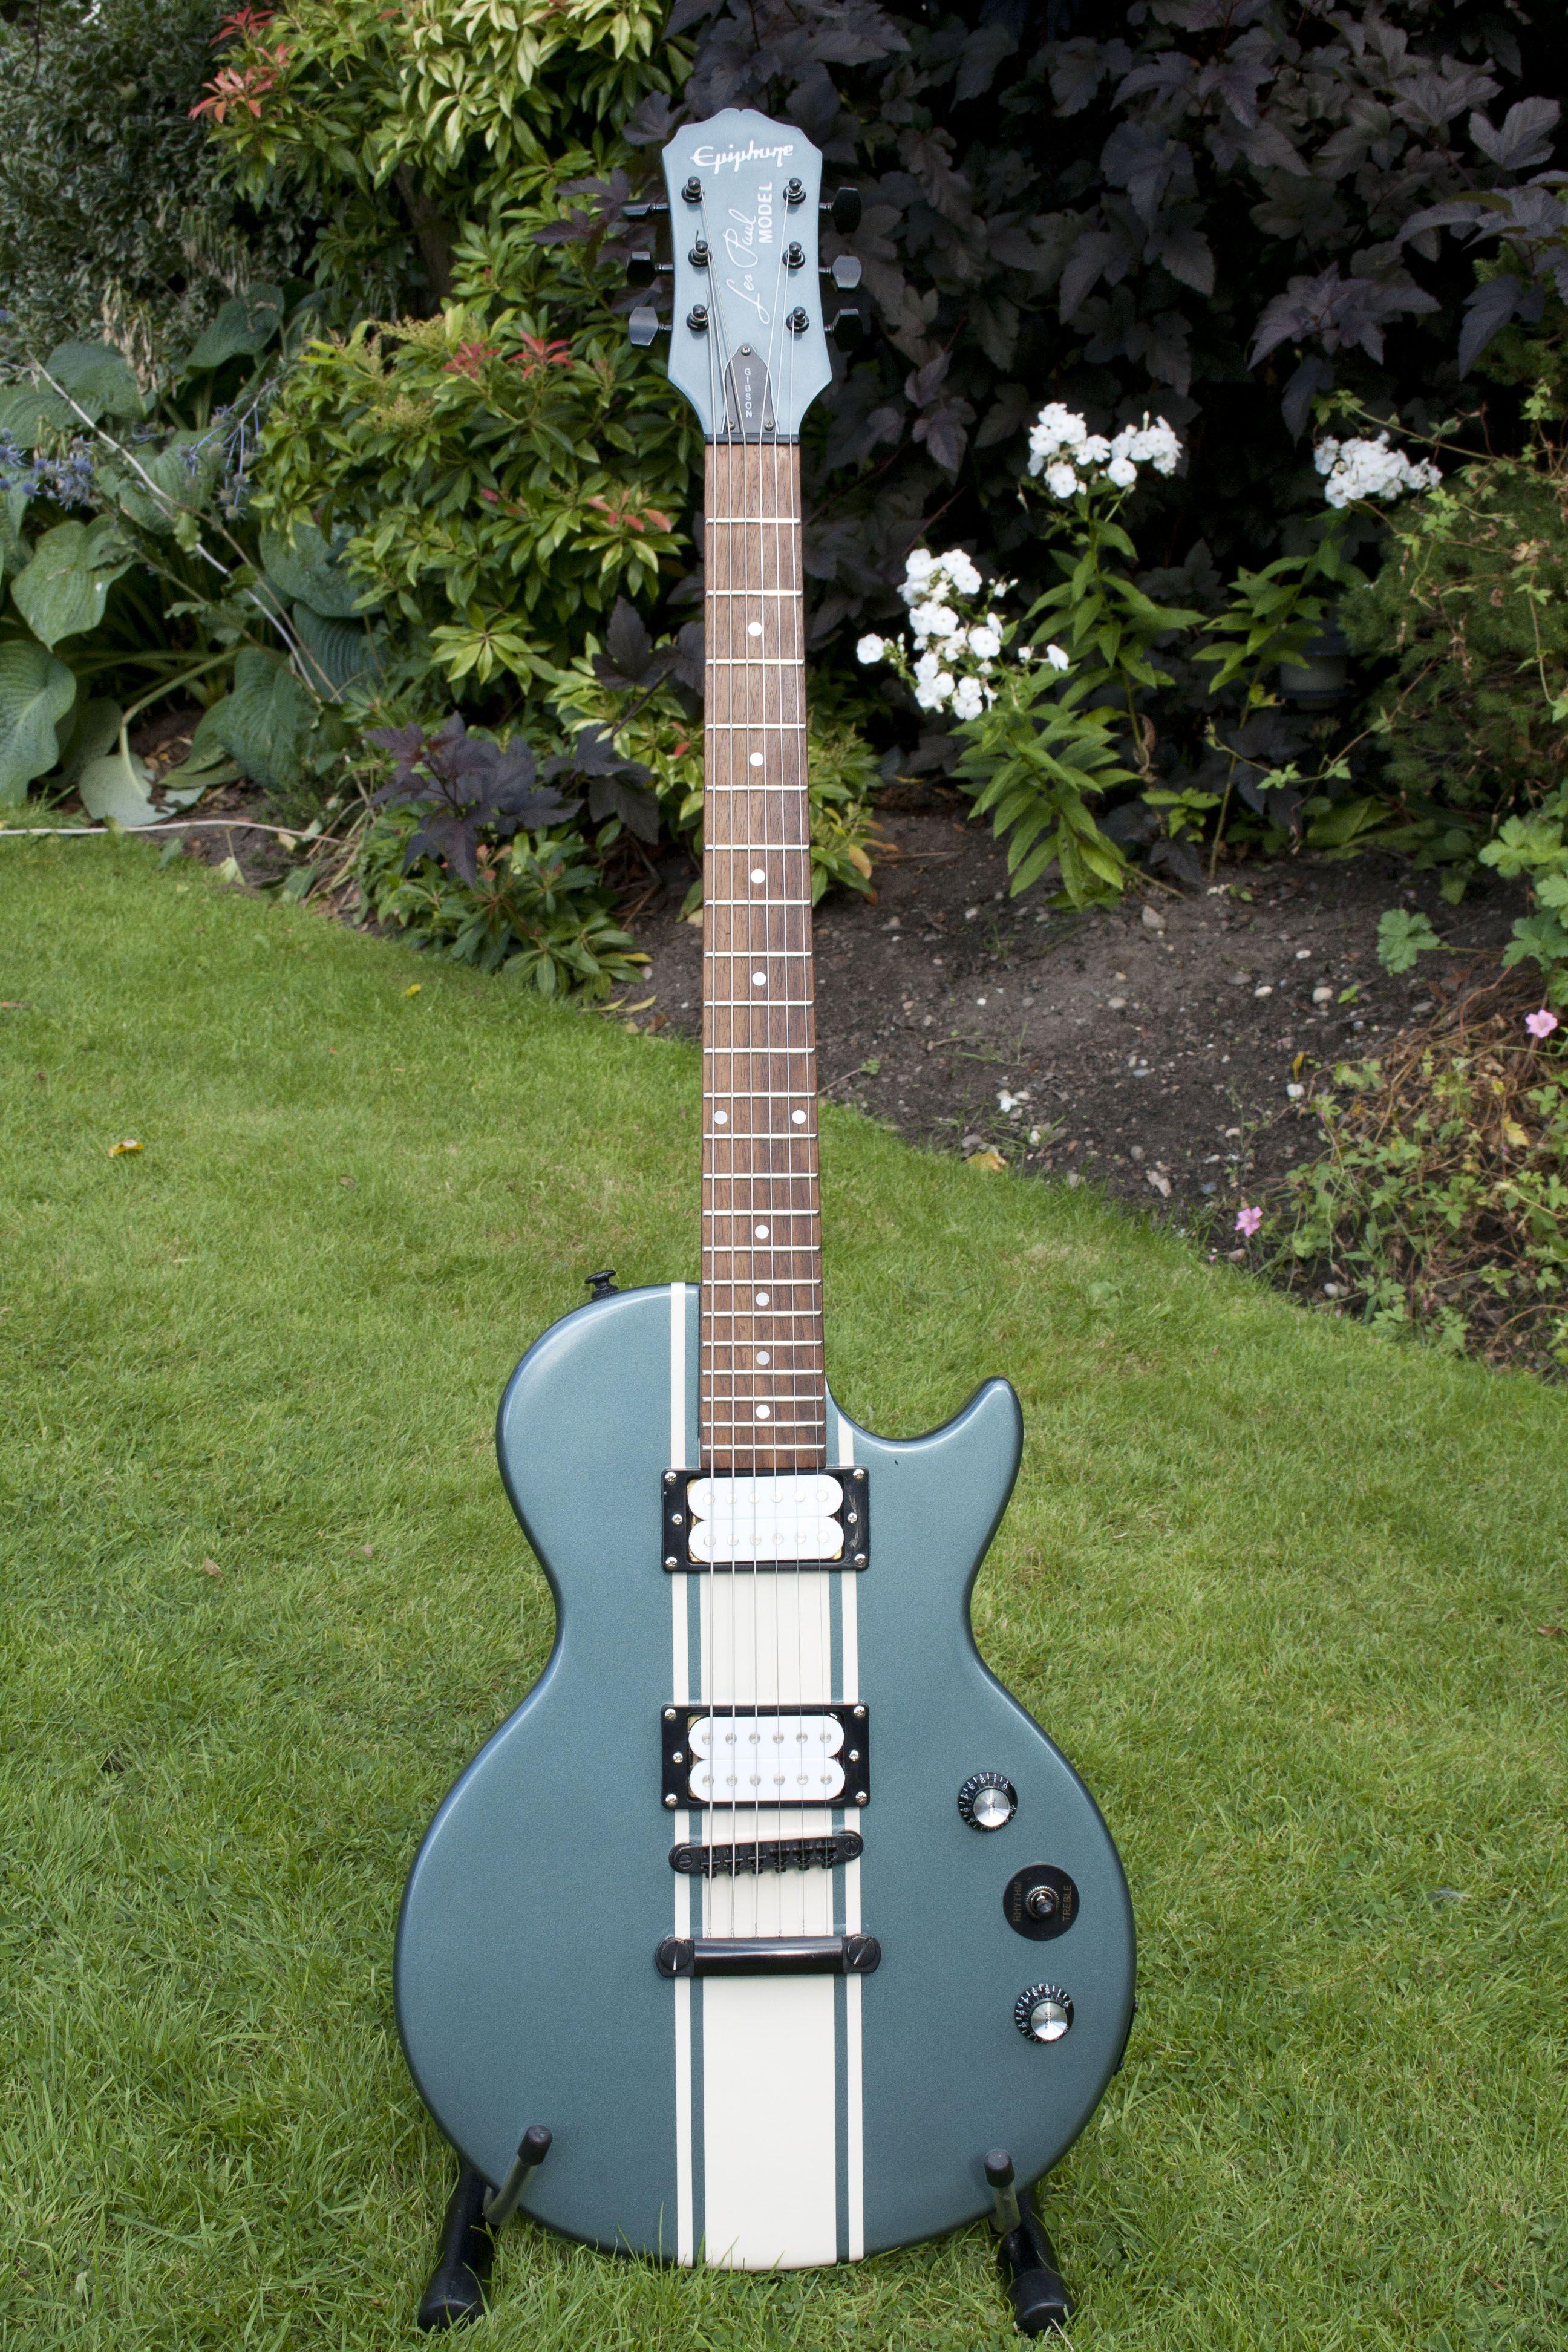 DLP Epiphone Les Paul Custom Paint Job Guitar Painting, Guitar Design,  Epiphone Les Paul